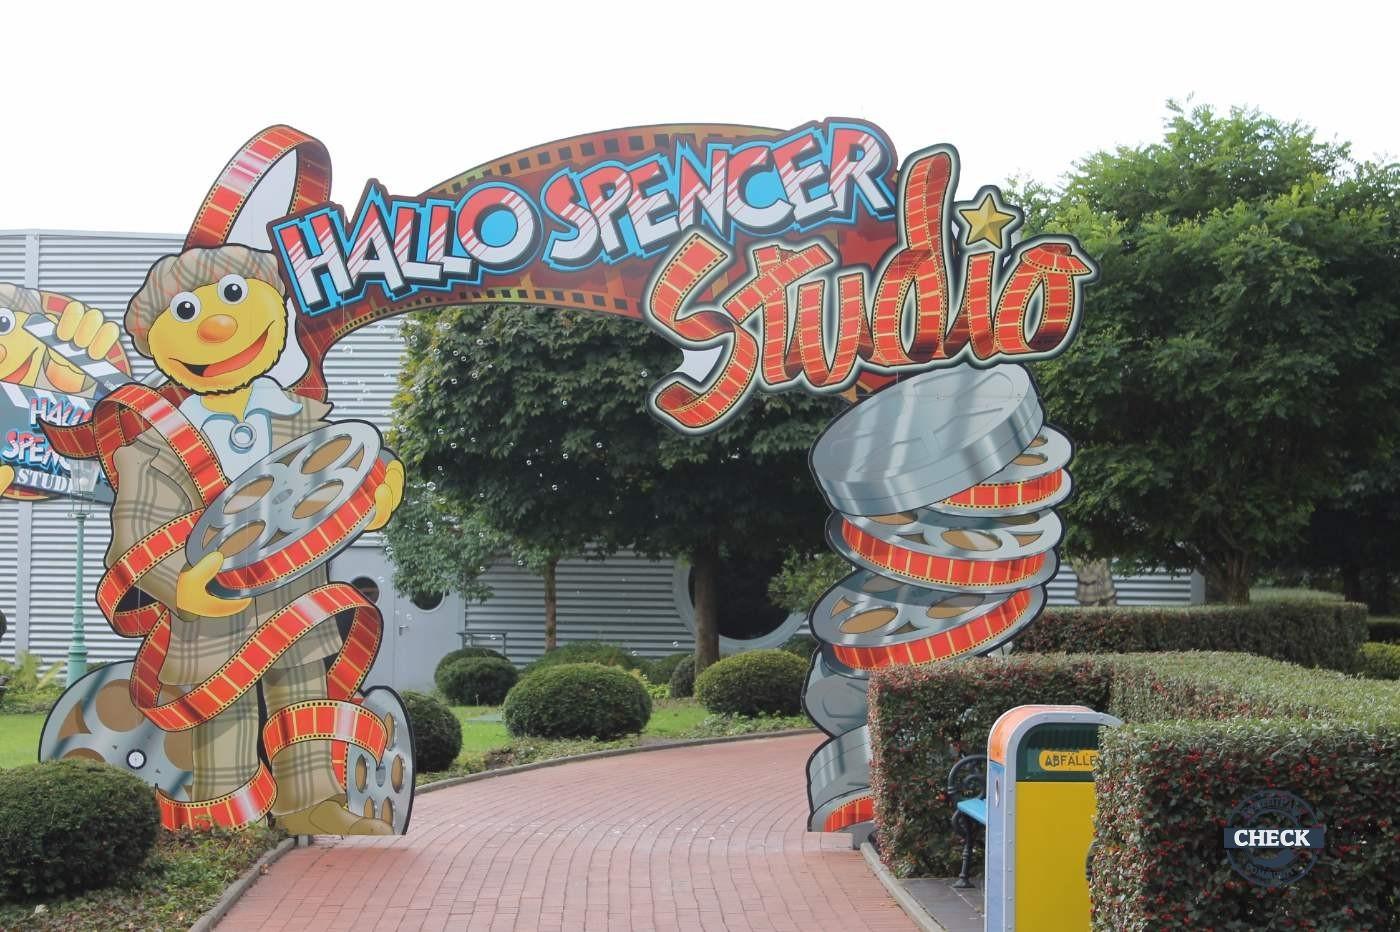 Hallo Spencer Studio